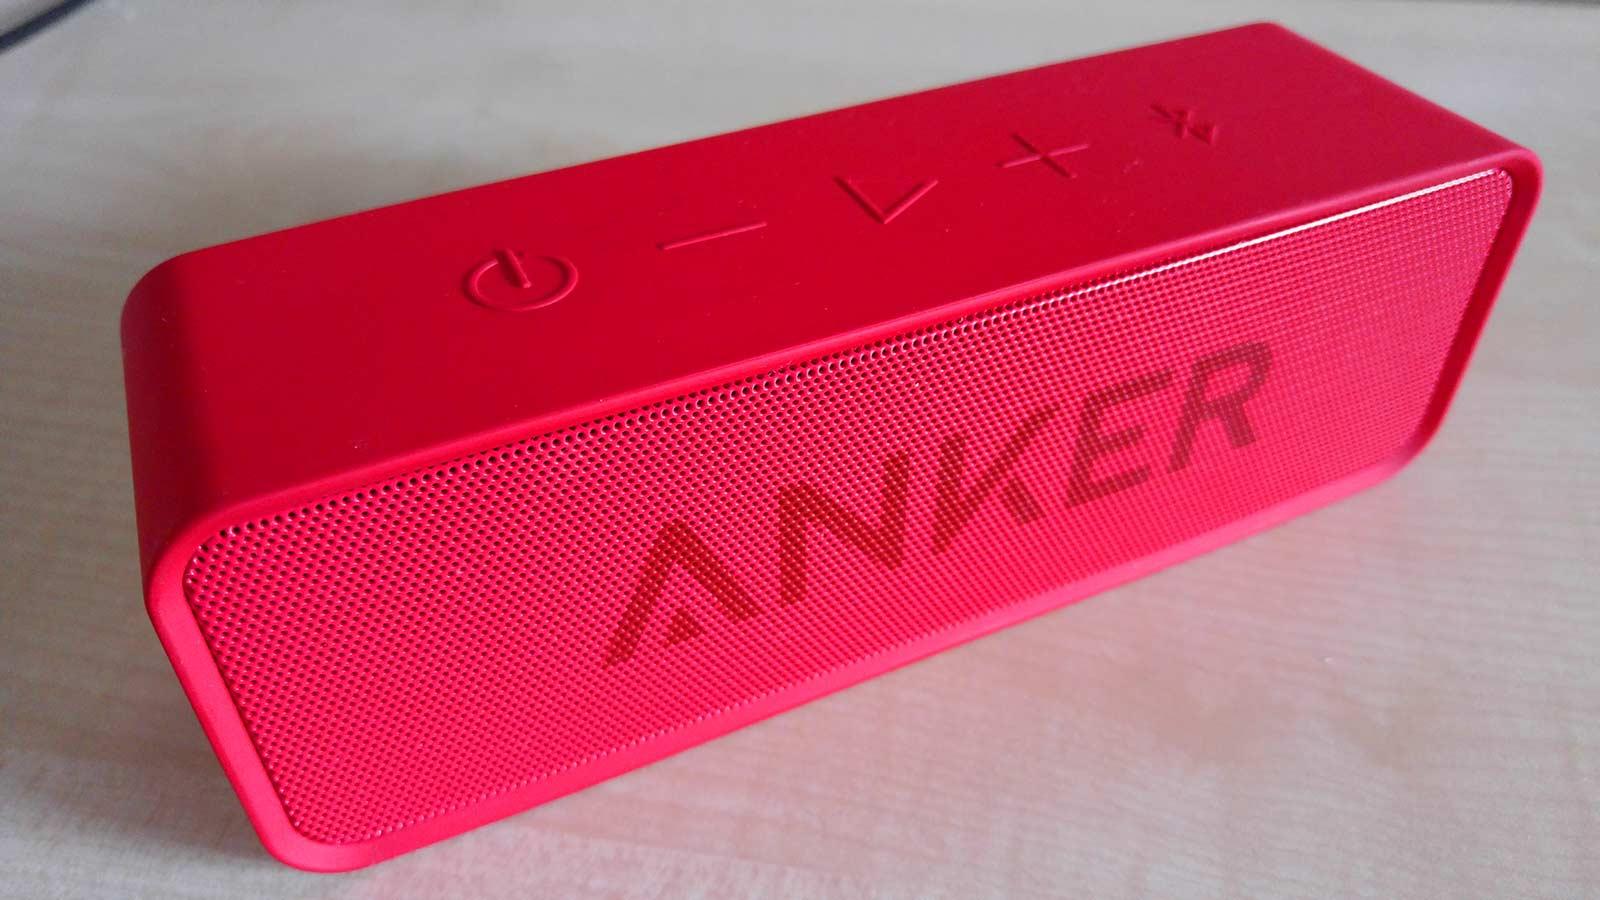 Análisis del altavoz Anker Soundcore